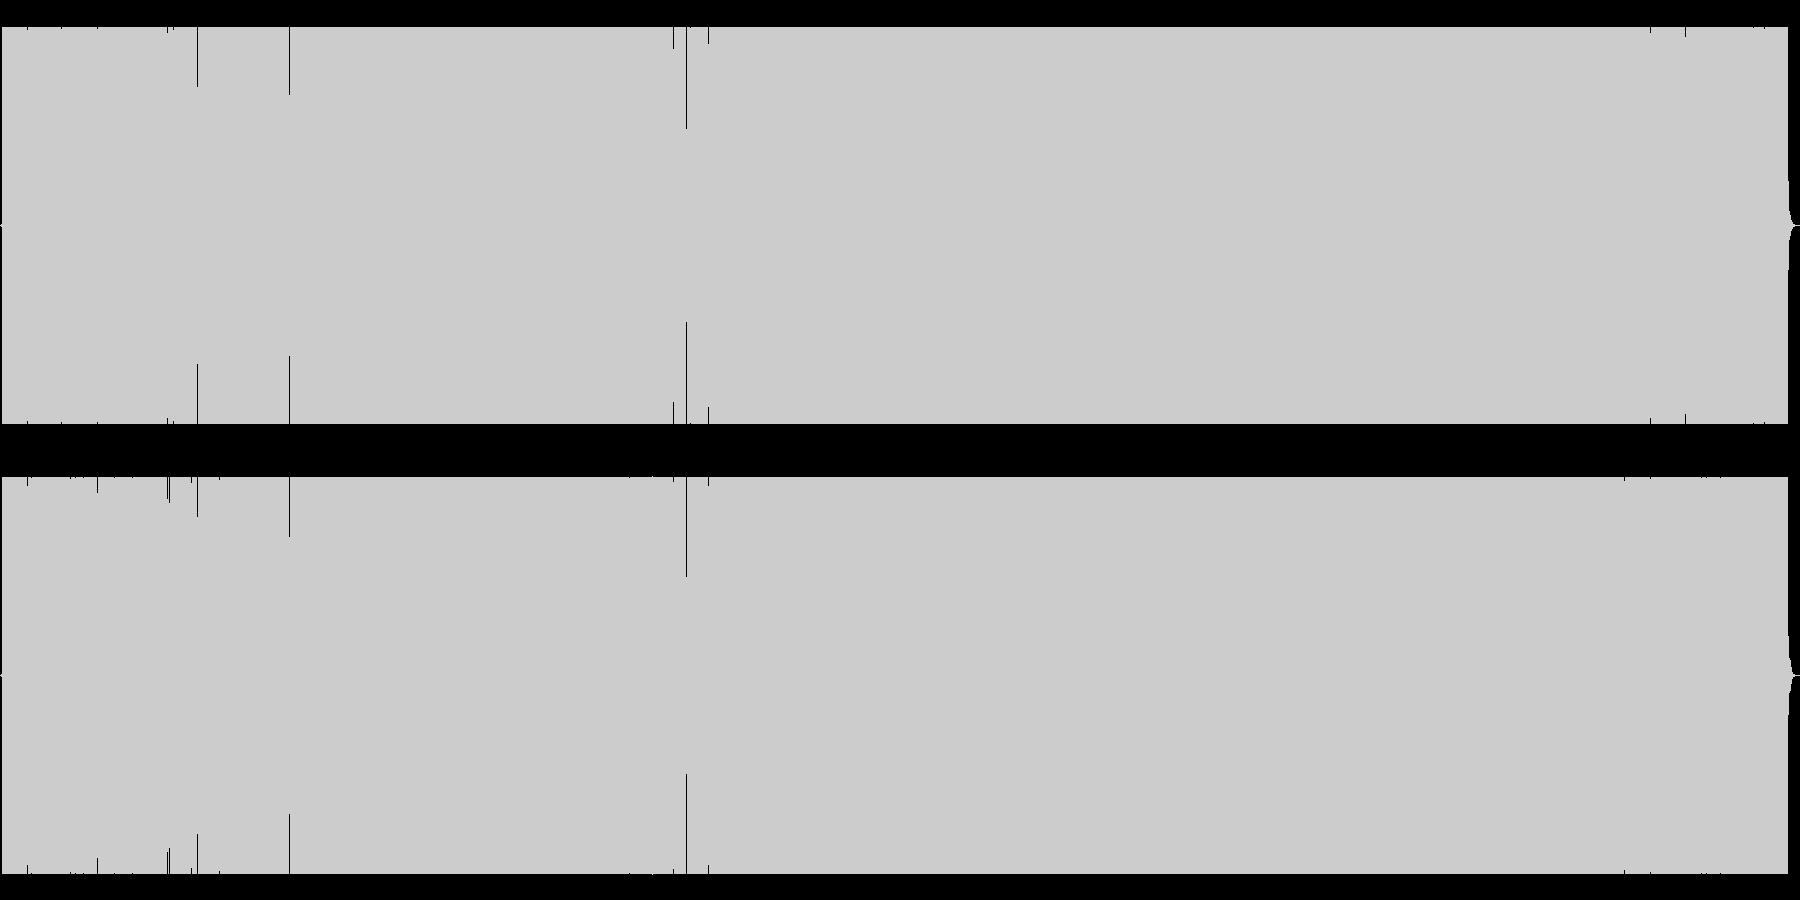 ヘヴィなリフ、キャッチーなメロディの未再生の波形